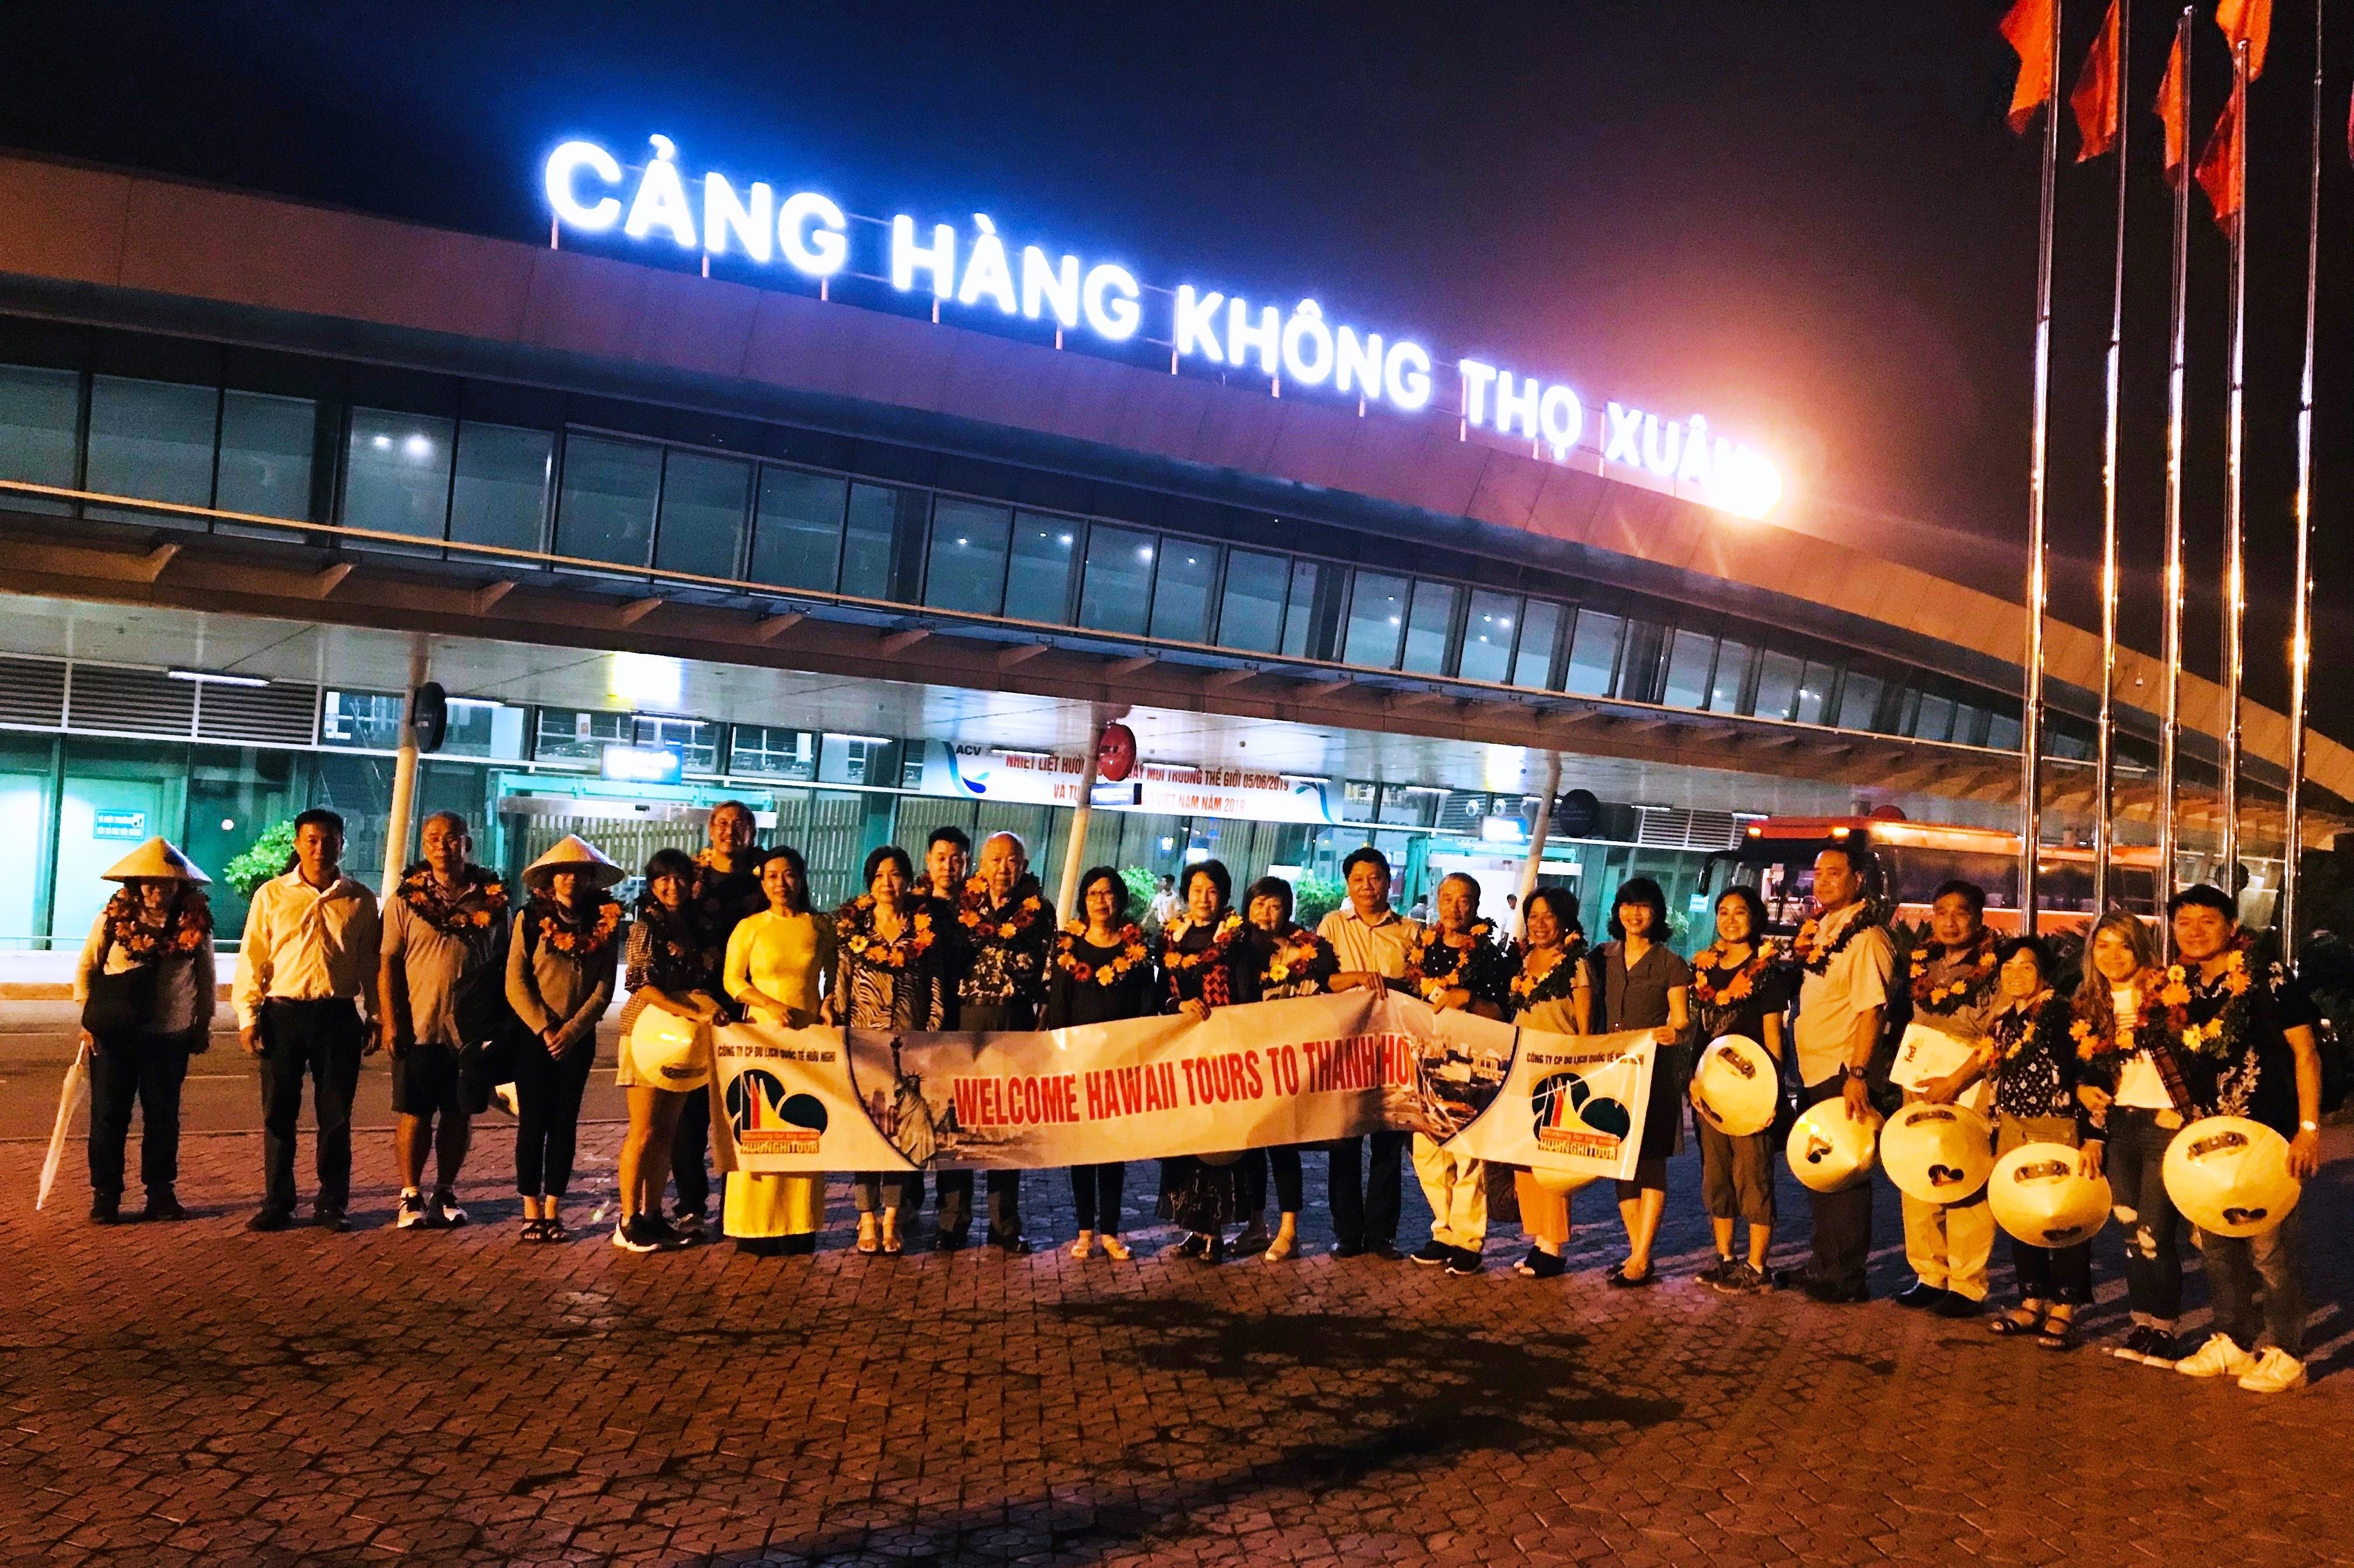 Đón đoàn khách du lịch từ Hoa Kỳ đến Thanh Hóa sau chương trình xúc tiến thương mại Ảnh 4